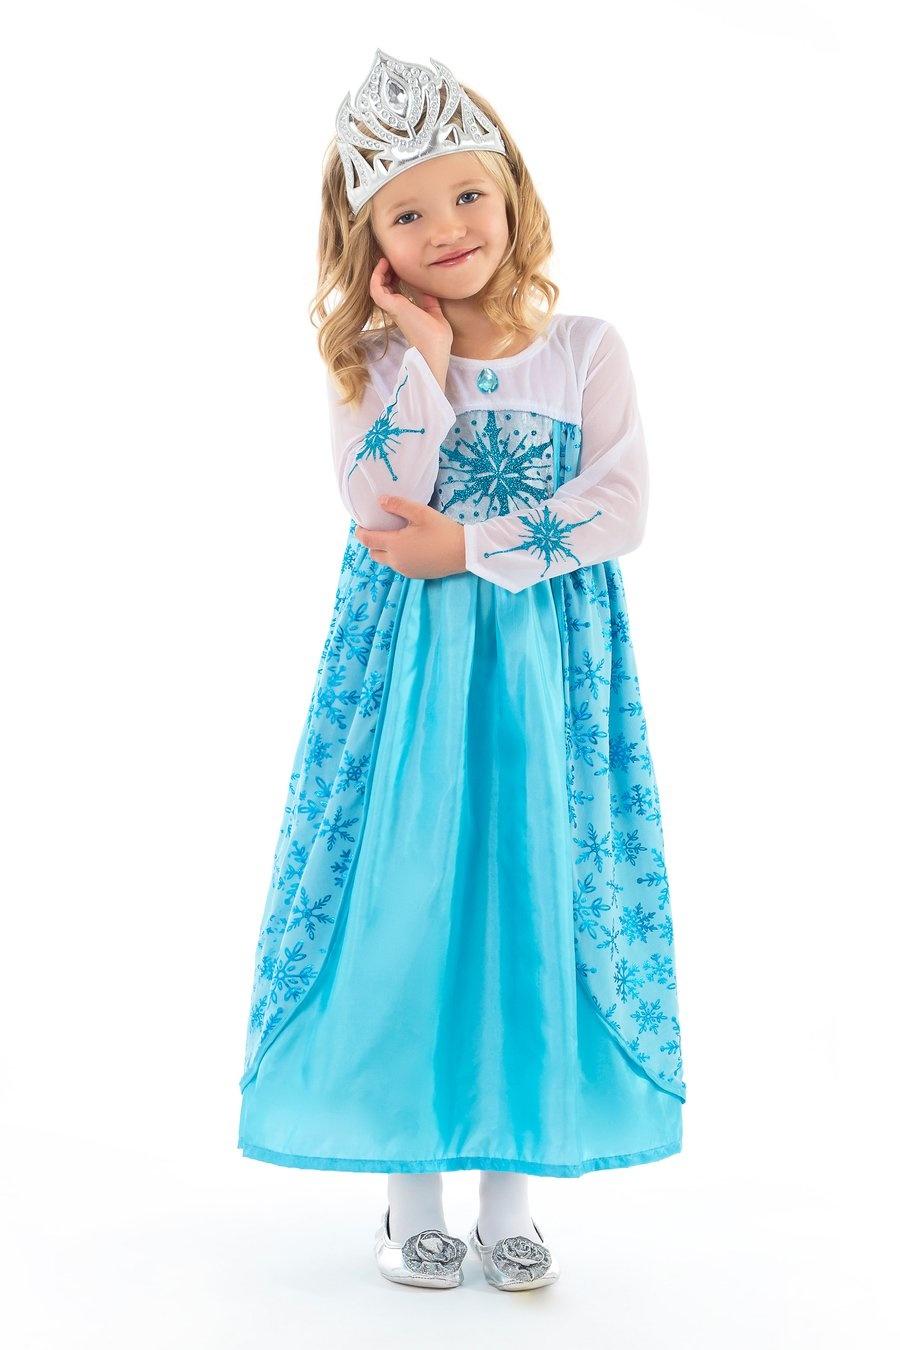 Princess Soft Crown - Ice Princess-2